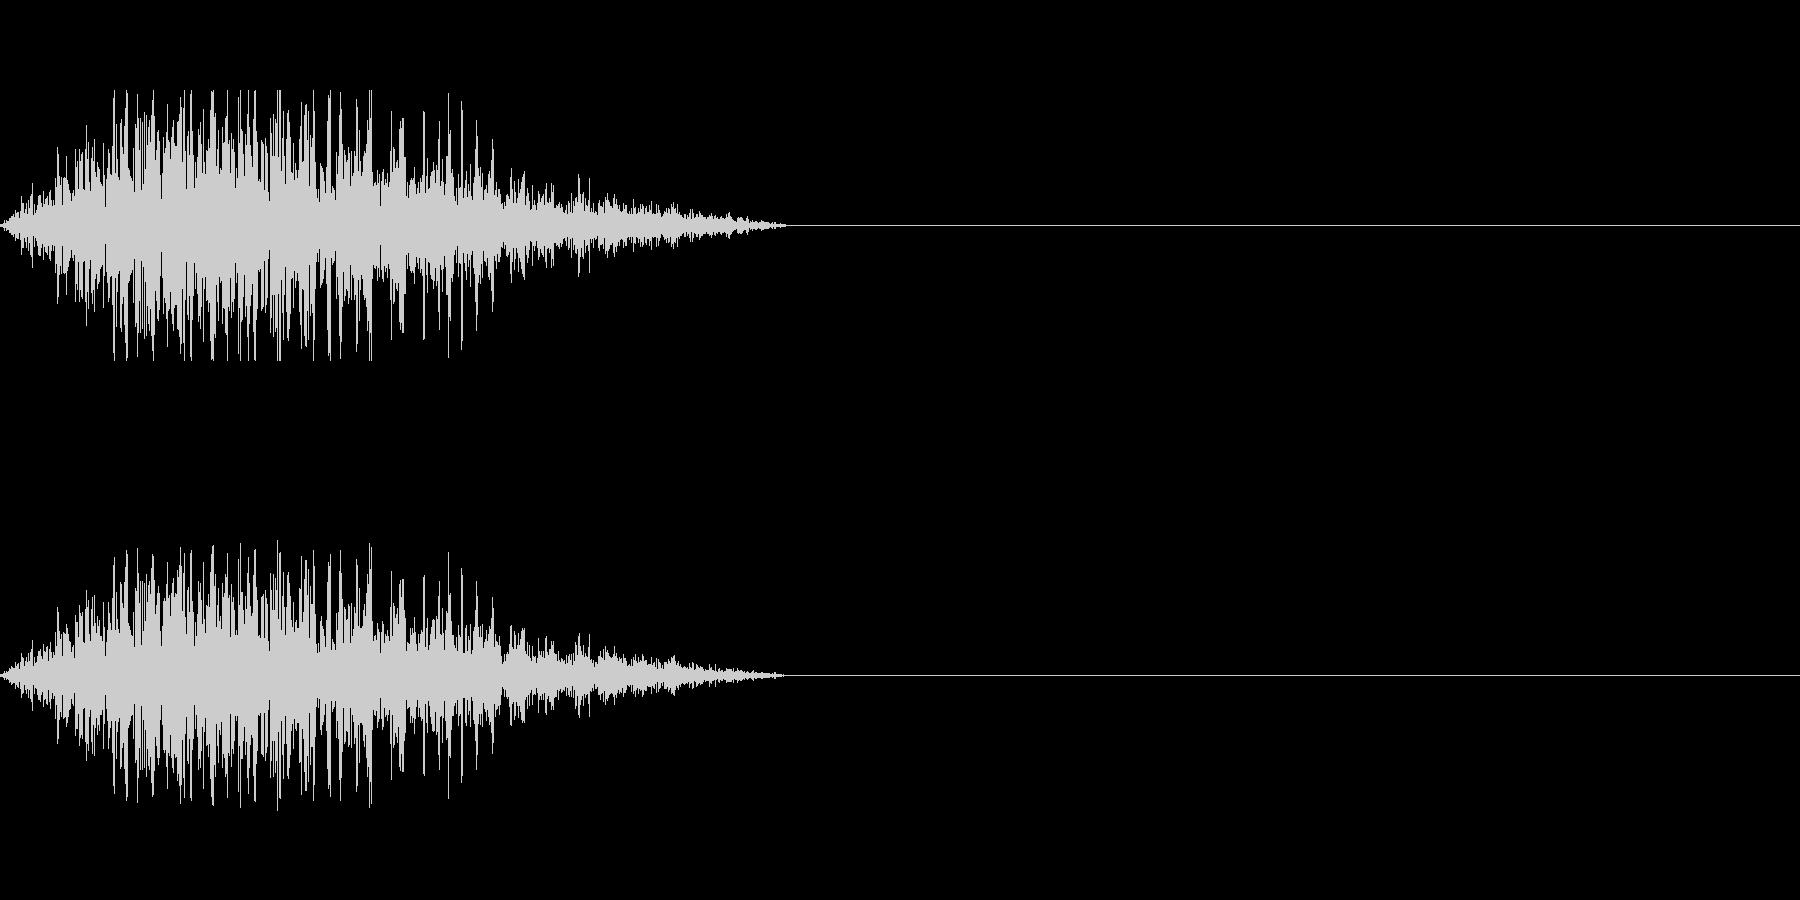 モンスターやゾンビのうめき声にの未再生の波形